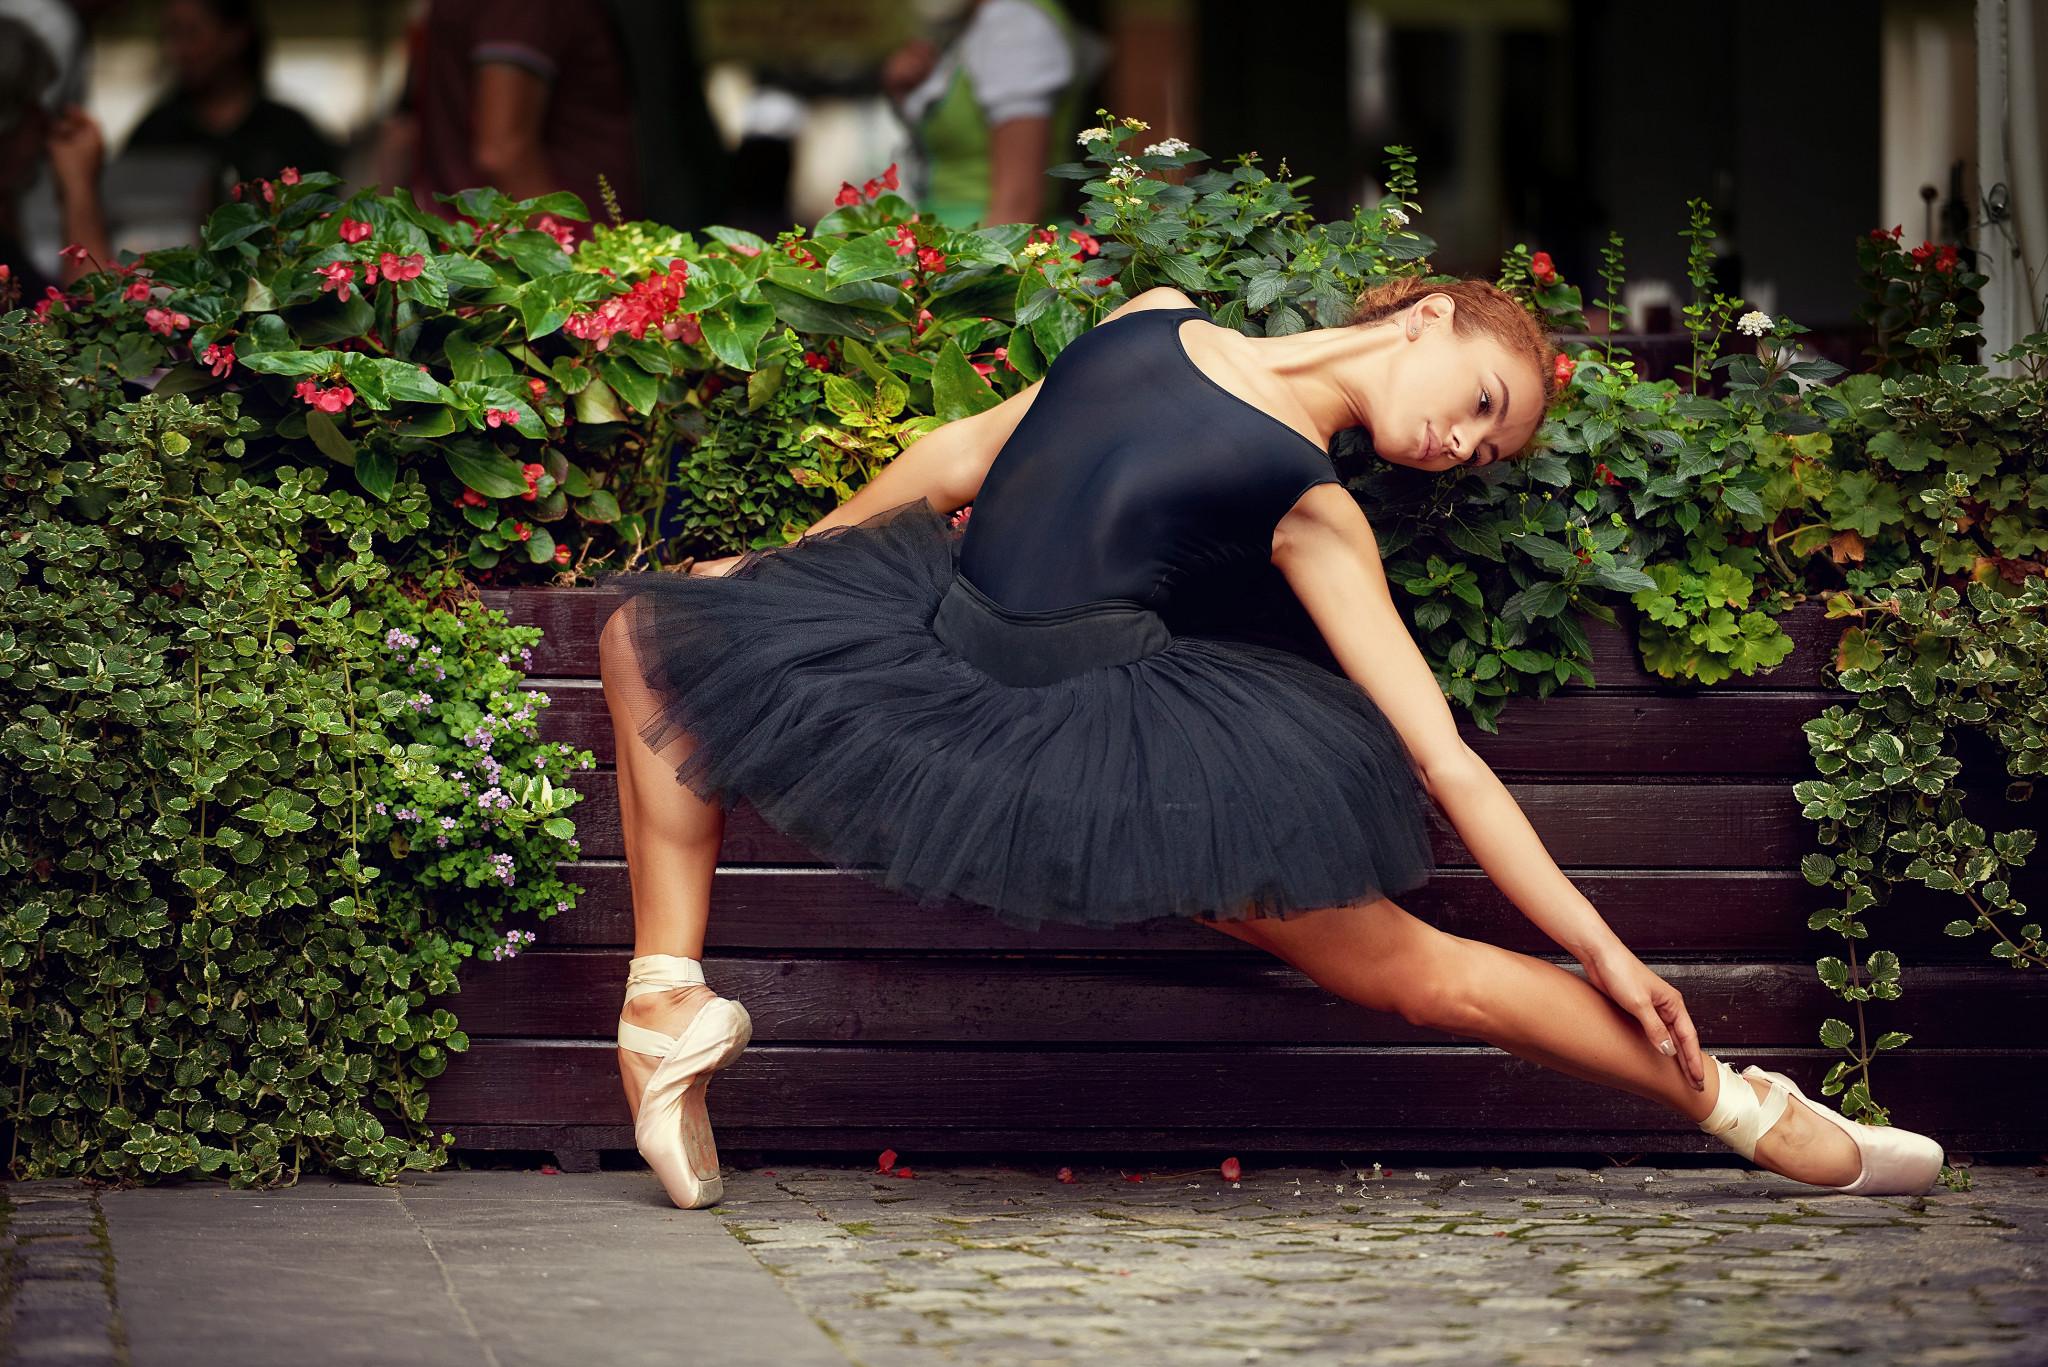 pierderea în greutate cu balet frumos pierdere în greutate ahm